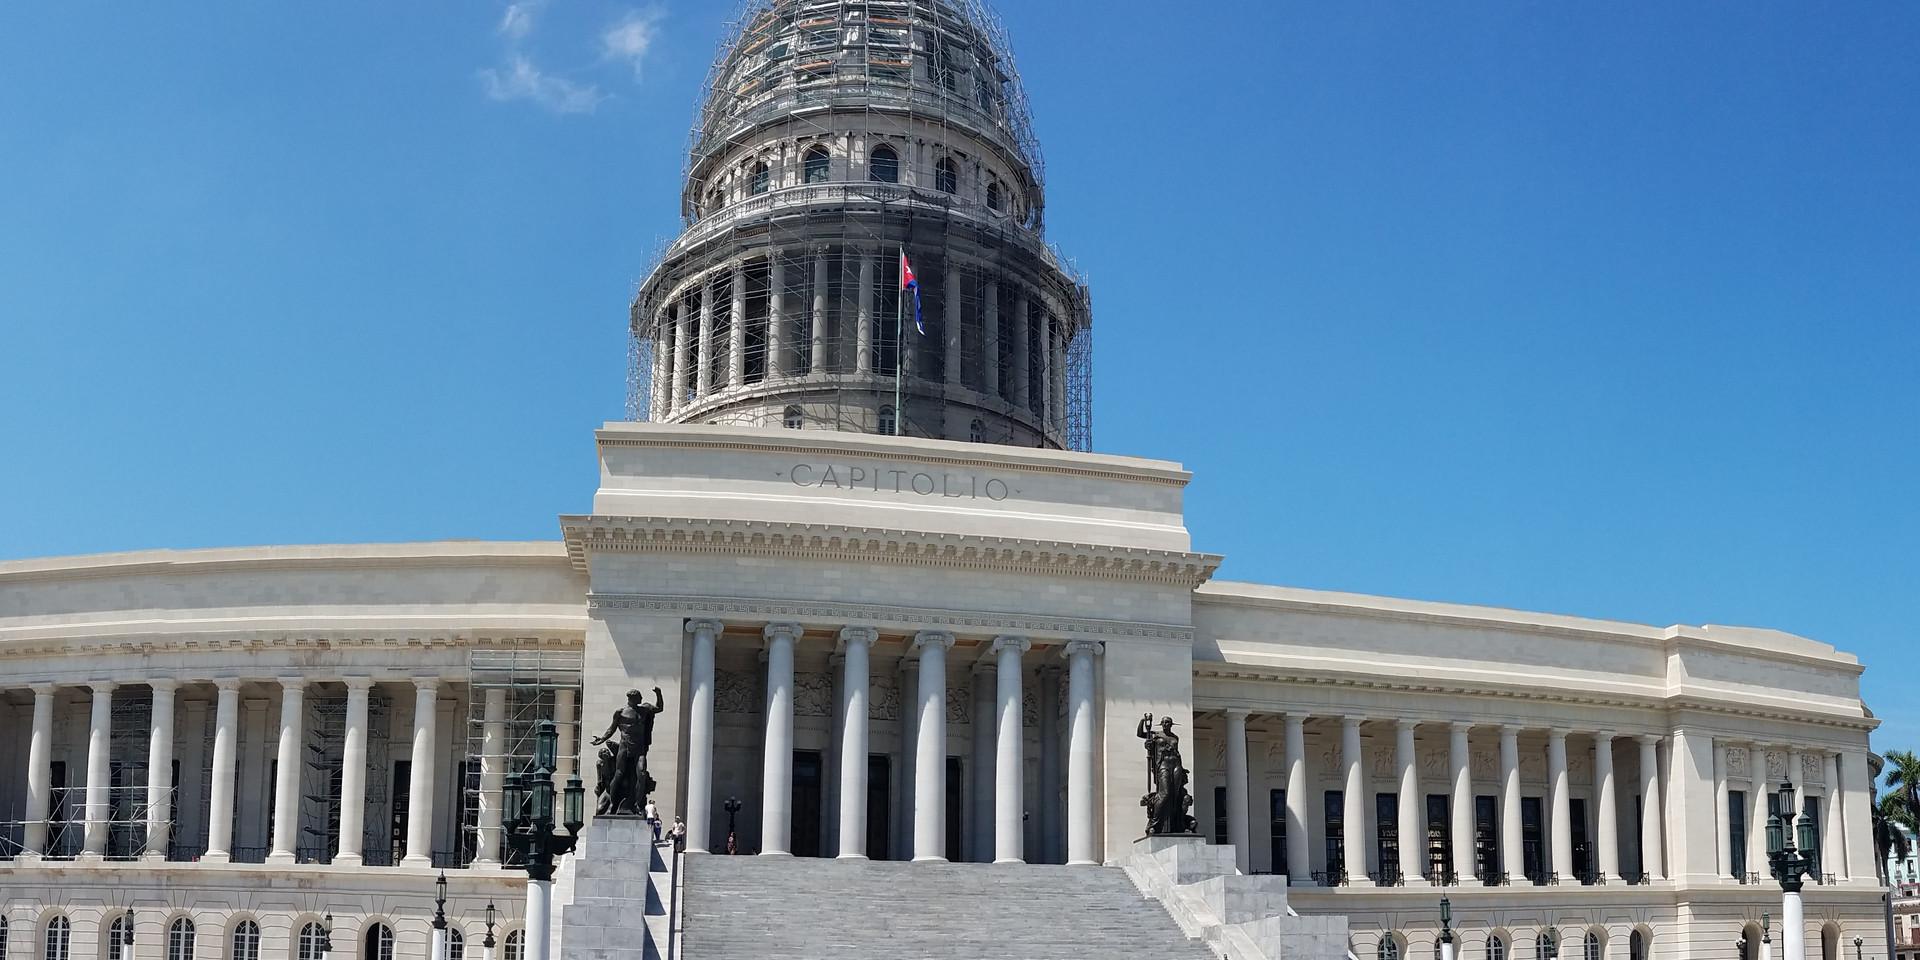 Capitol building in Havana